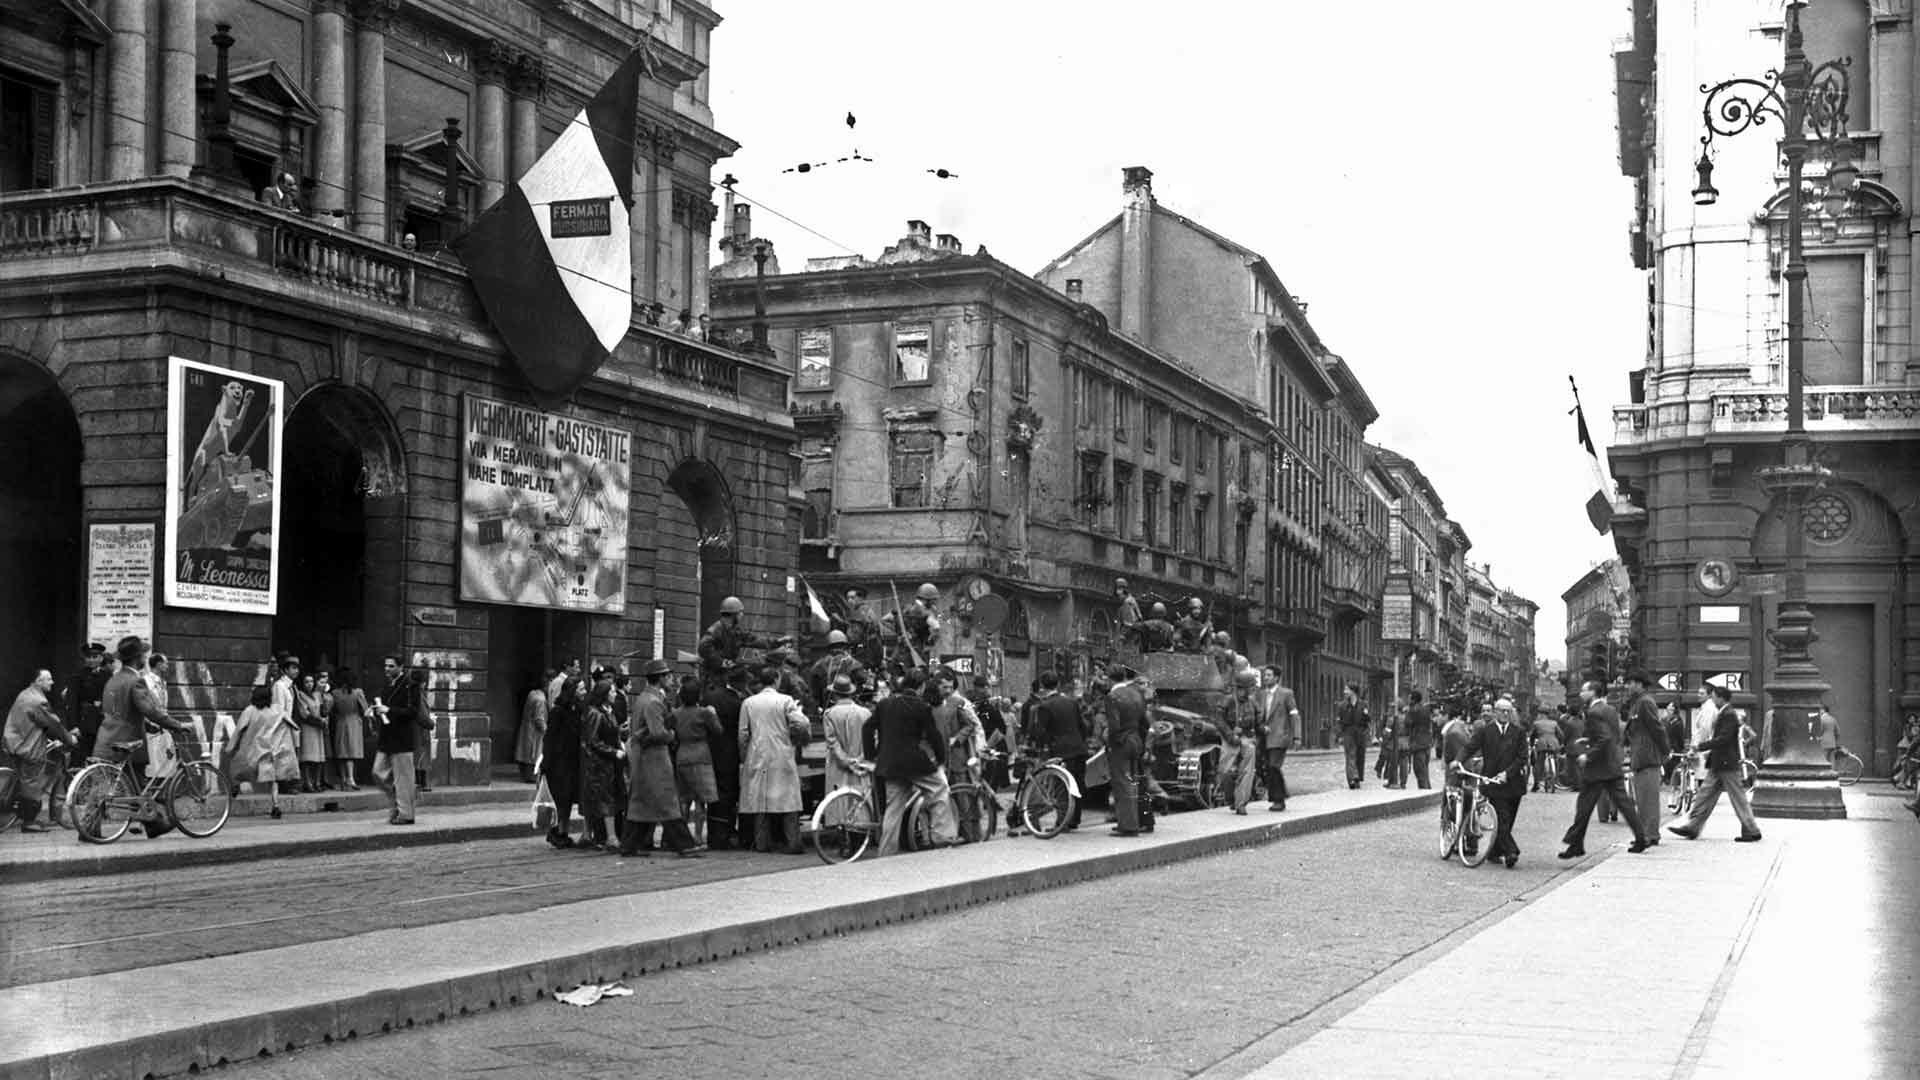 Il Museo Nazionale della Resistenza di Milano va oggi online in attesa di aprire nel 2025-26